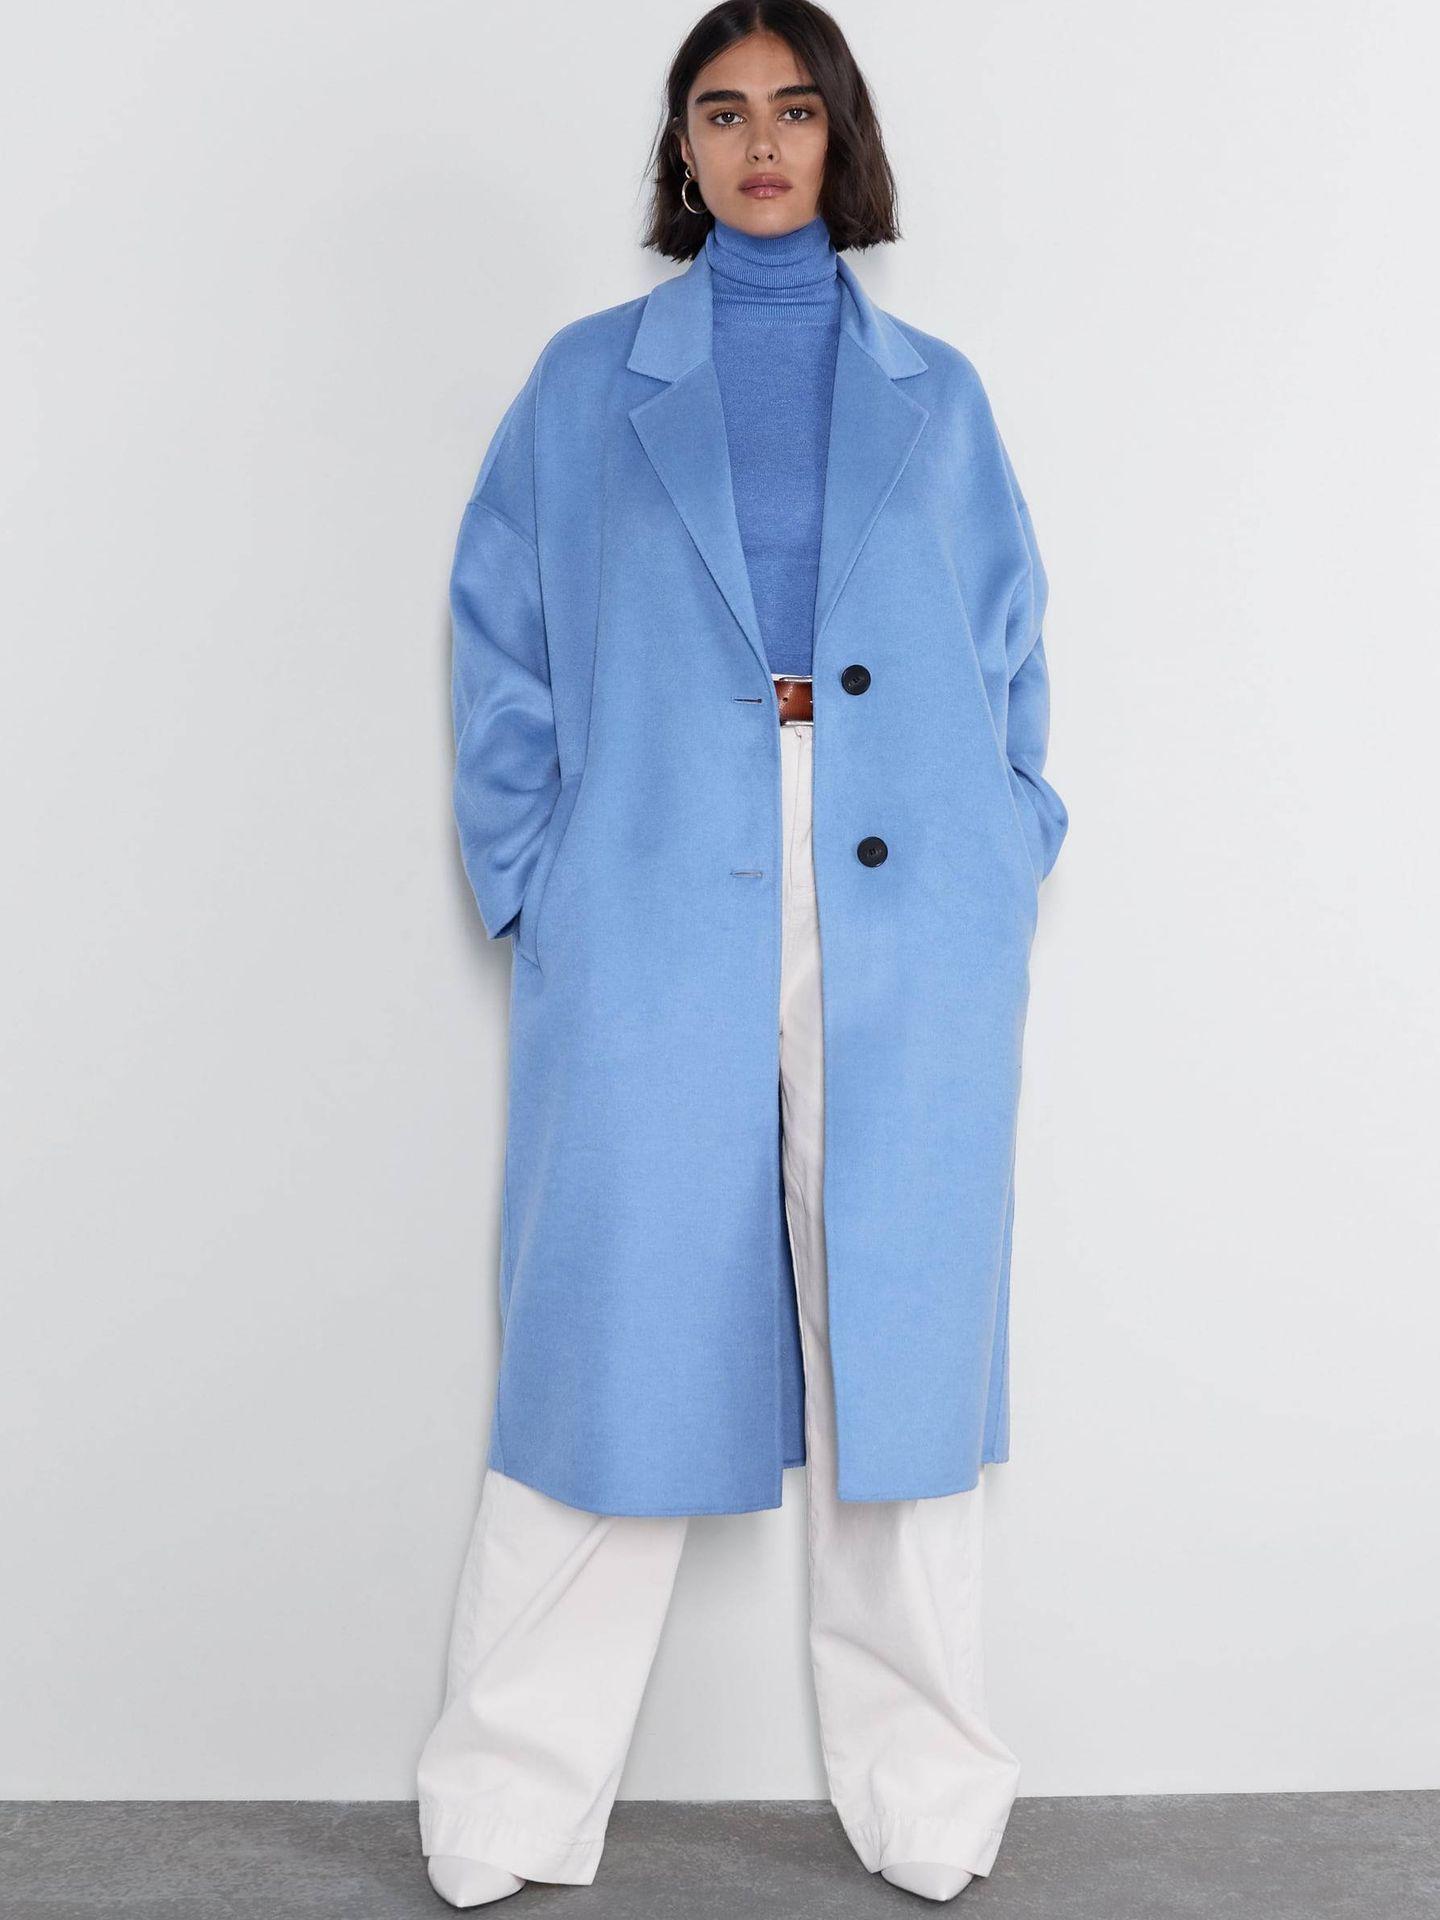 Abrigo azul. (Cortesía)